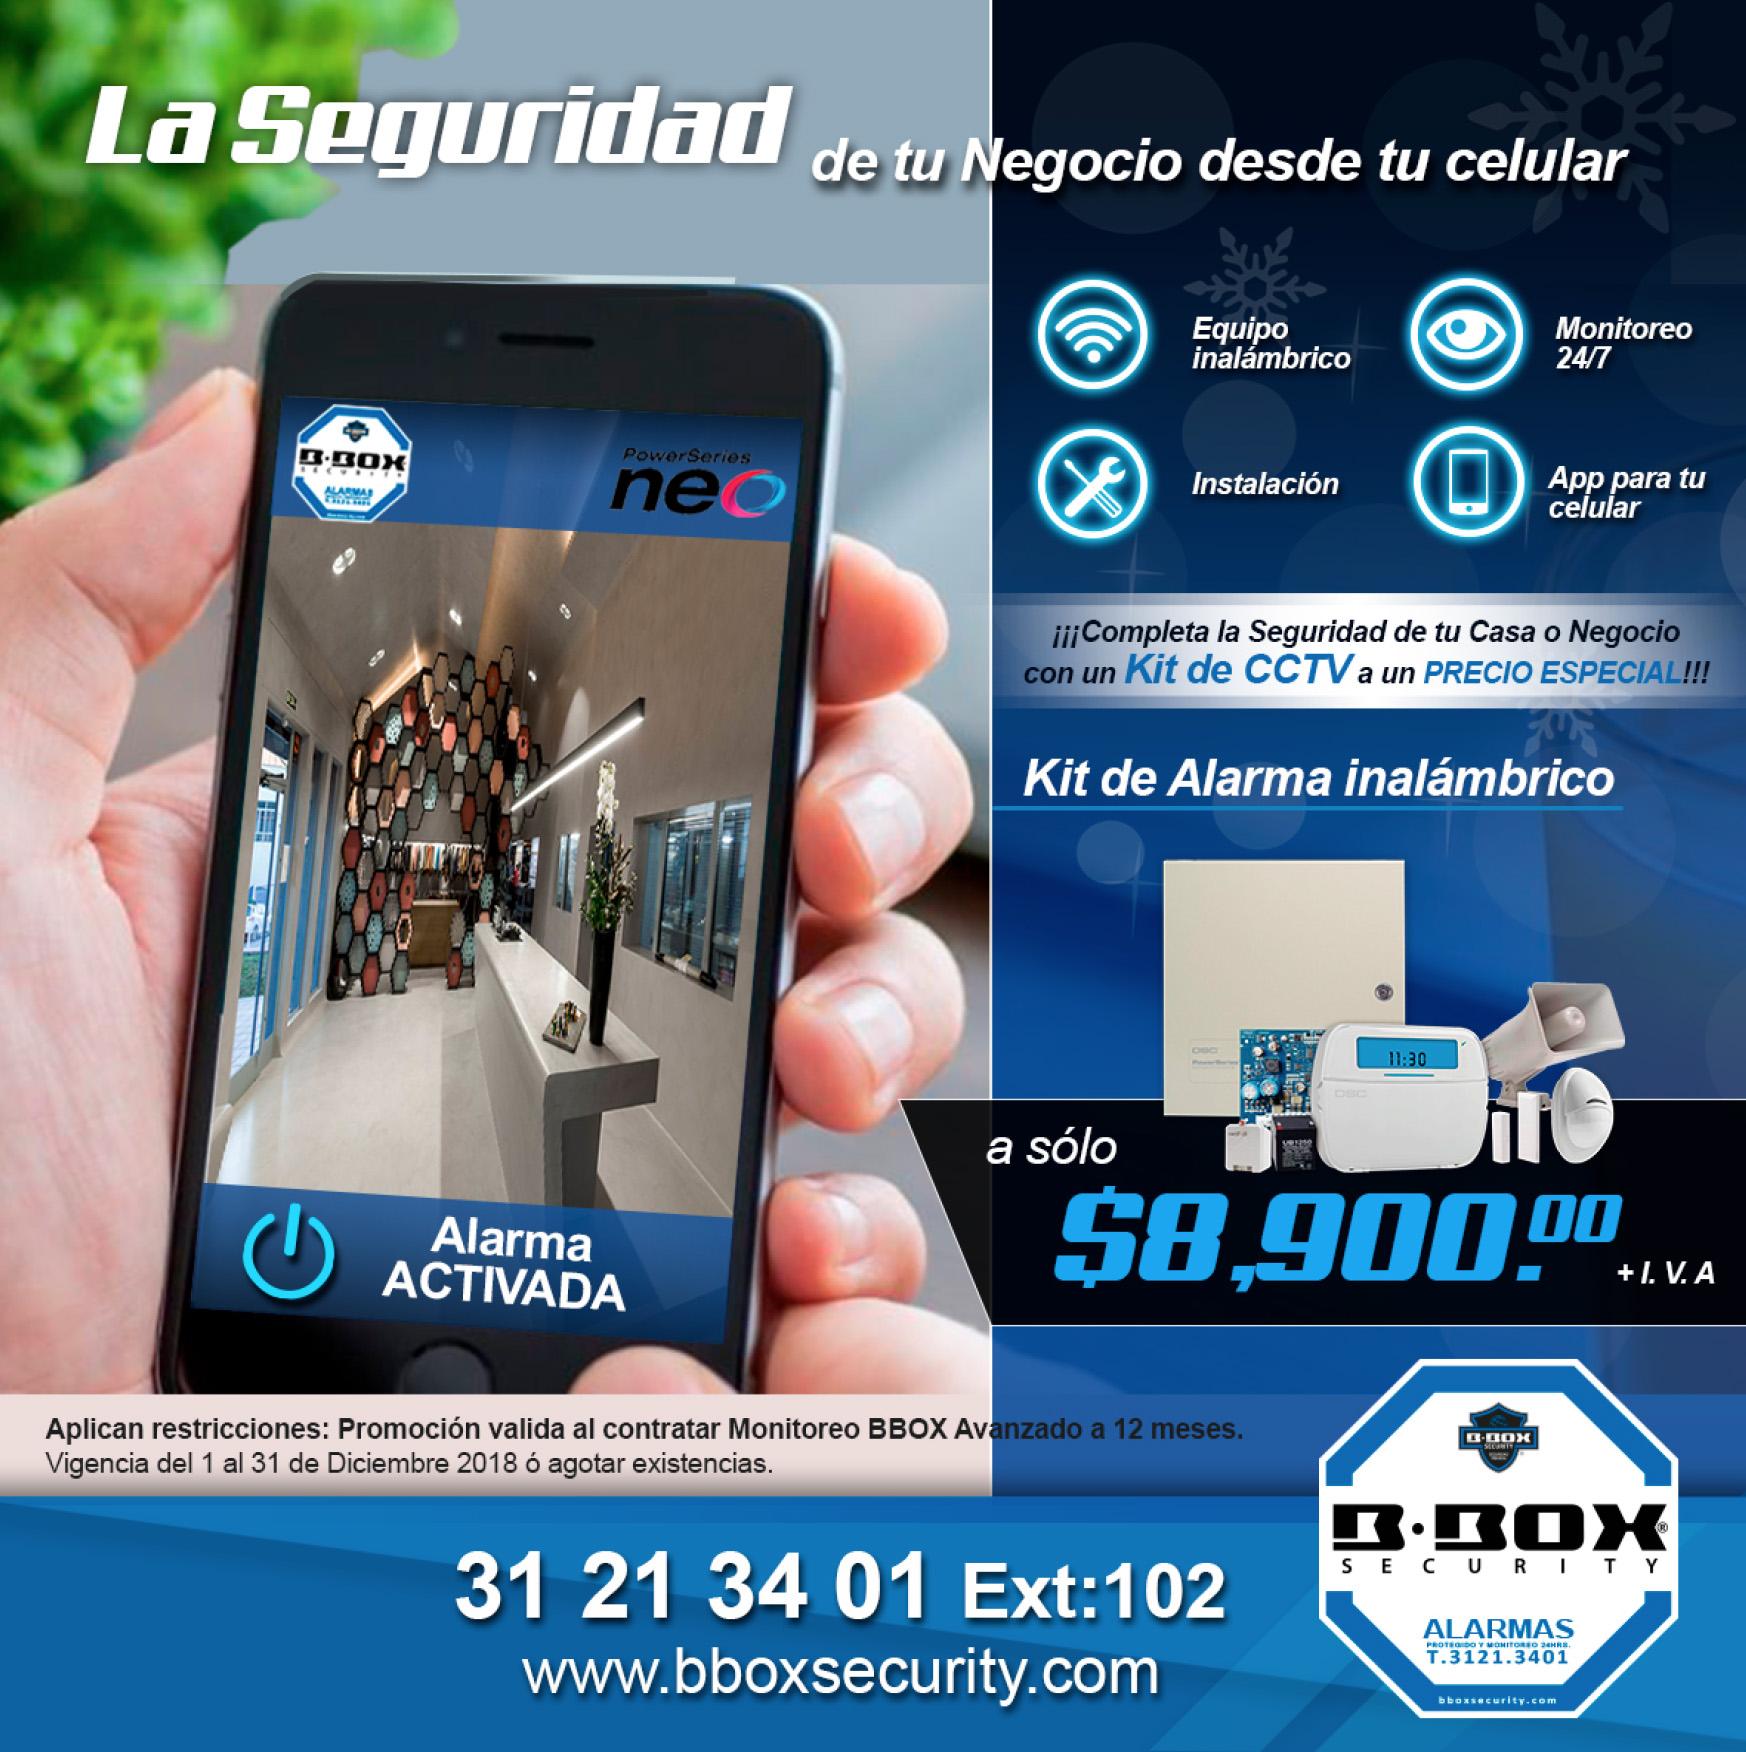 BBOX Security Seguridad monitoreo de alarma promocion kit a - Servicio de Monitoro de Alarma en Guadalajara | BBOX Security